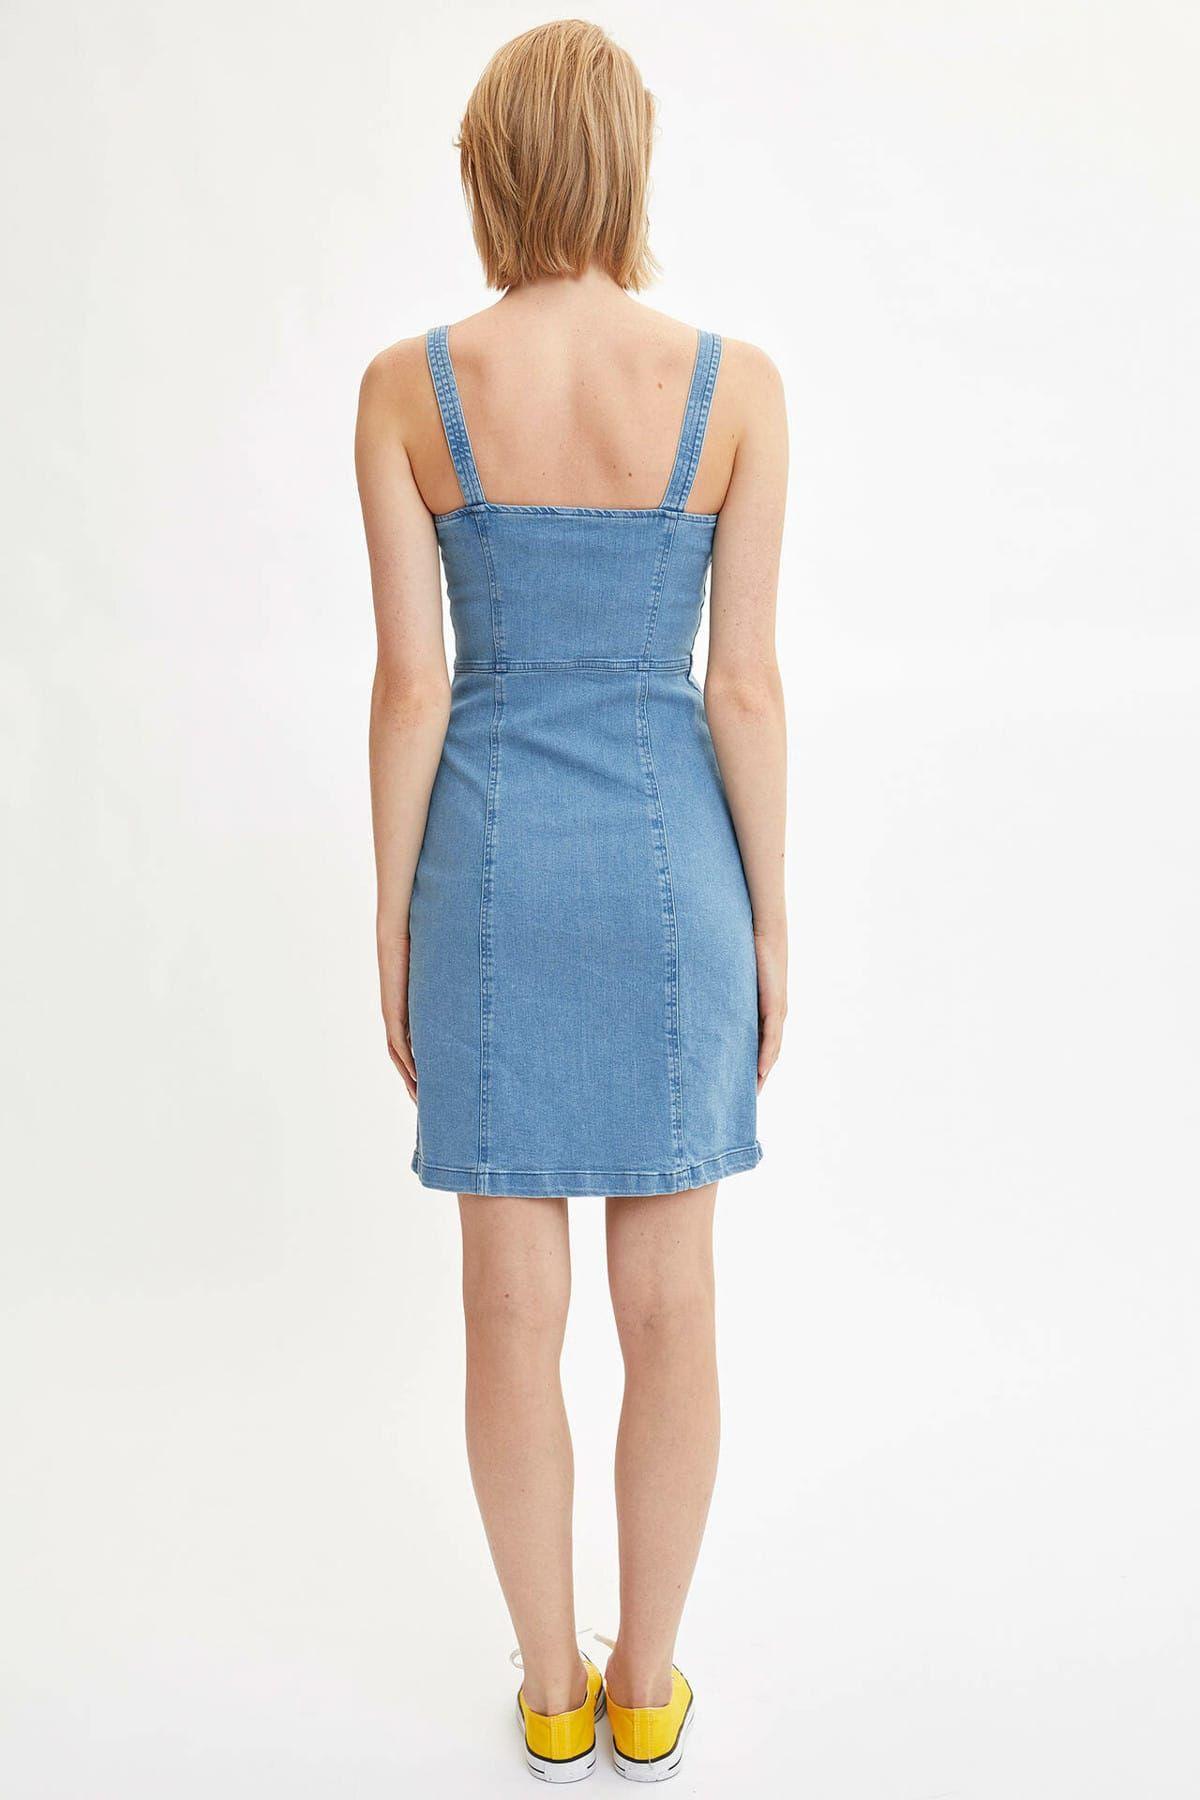 Online Alisveris Sitesi Turkiye Nin Trend Yolu Trendyol Moda Stilleri Elbise Trendler